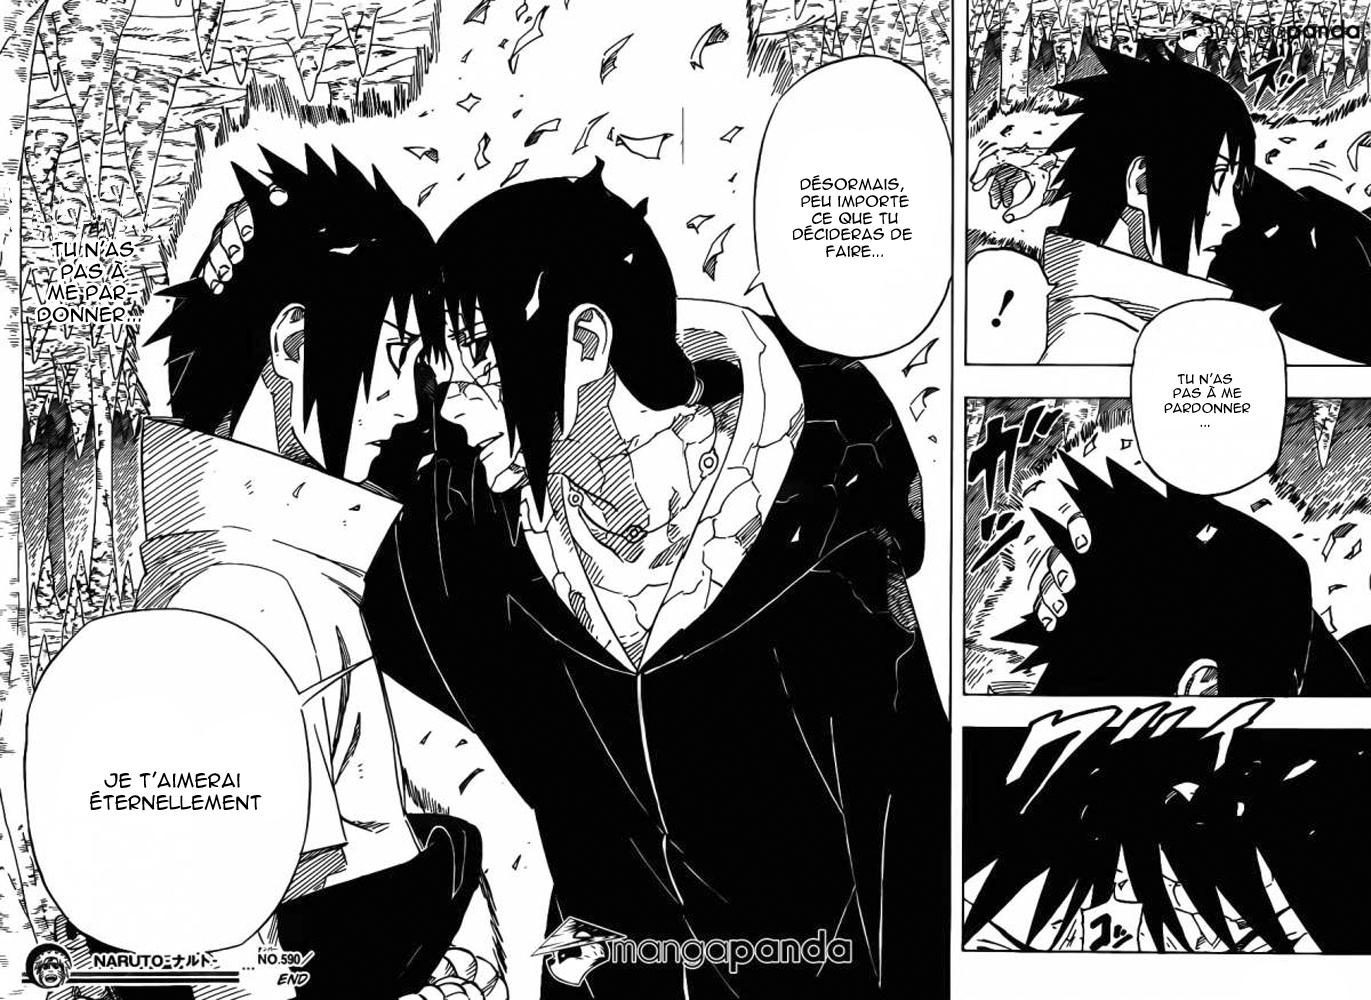 Naruto chapitre 590 - Page 16